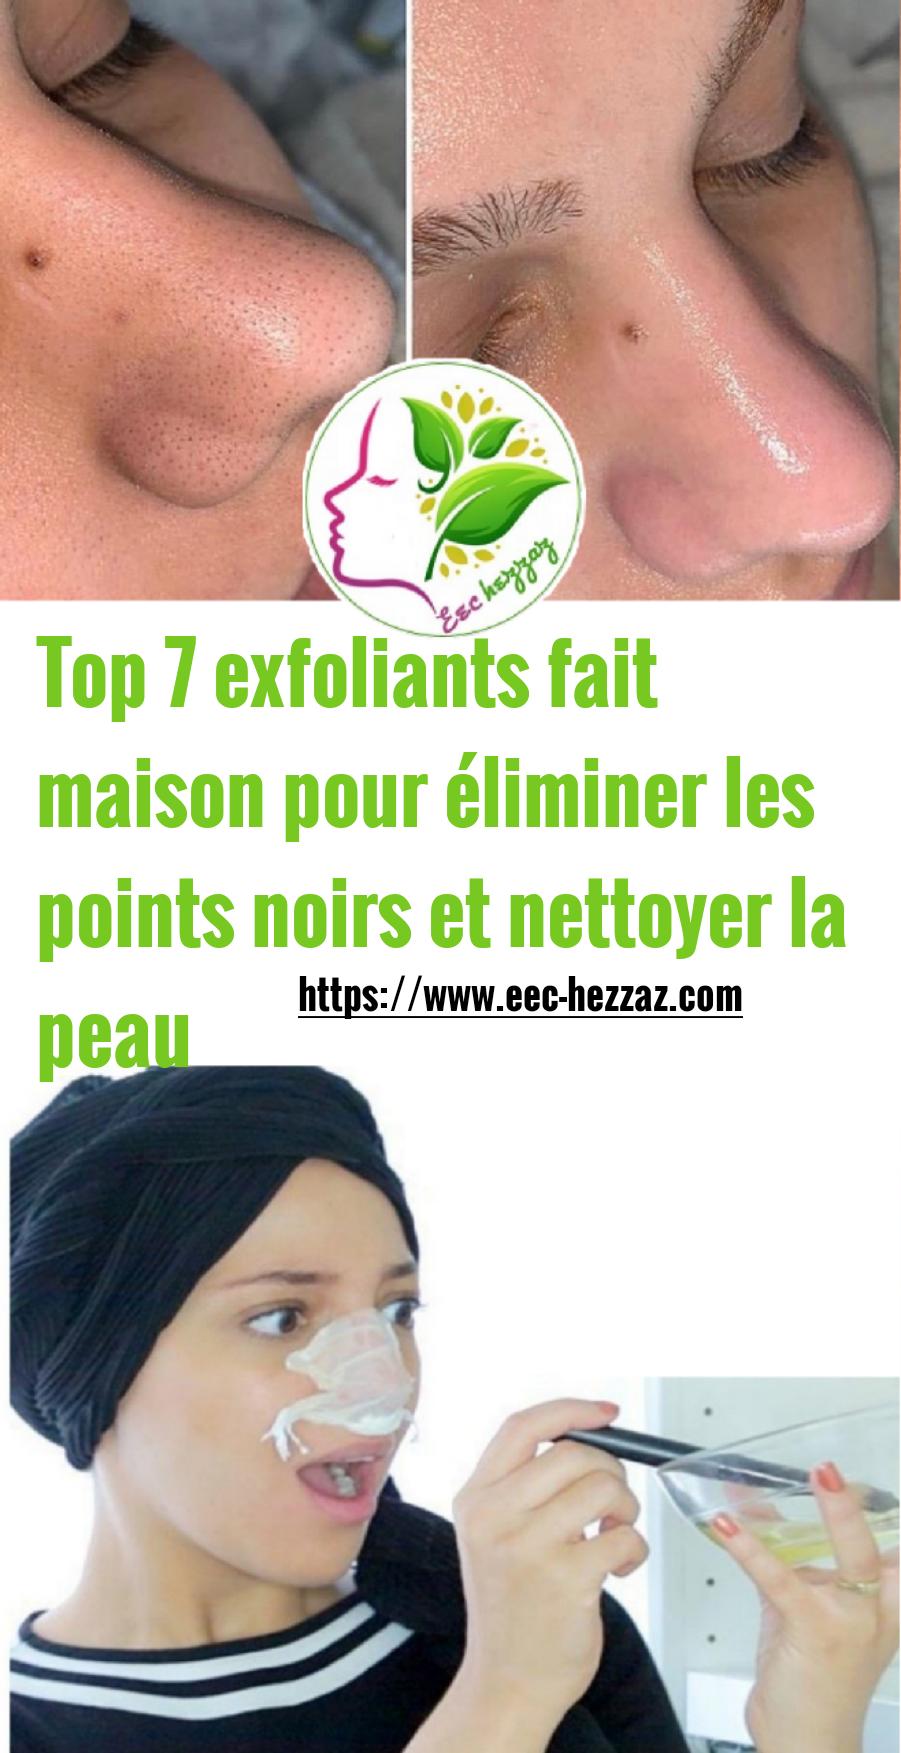 Top 7 exfoliants fait maison pour éliminer les points noirs et nettoyer la peau